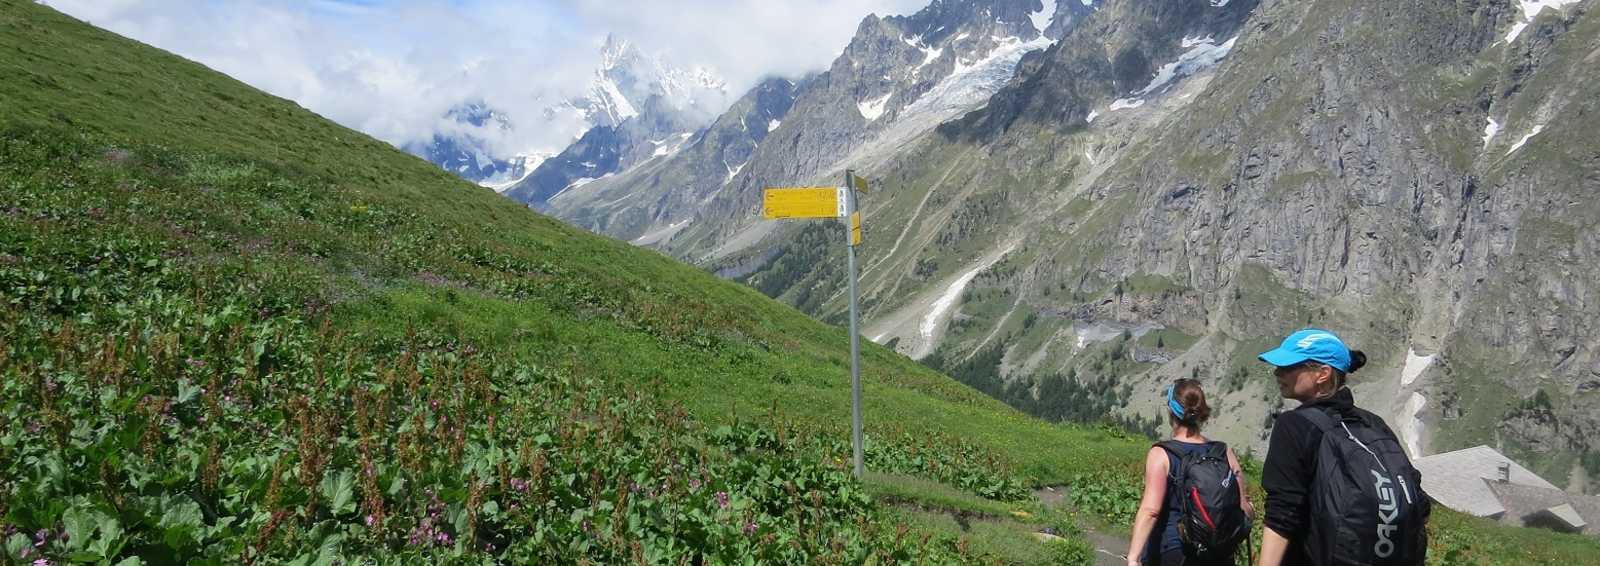 Signposts on the Tour de Mont Blanc, France